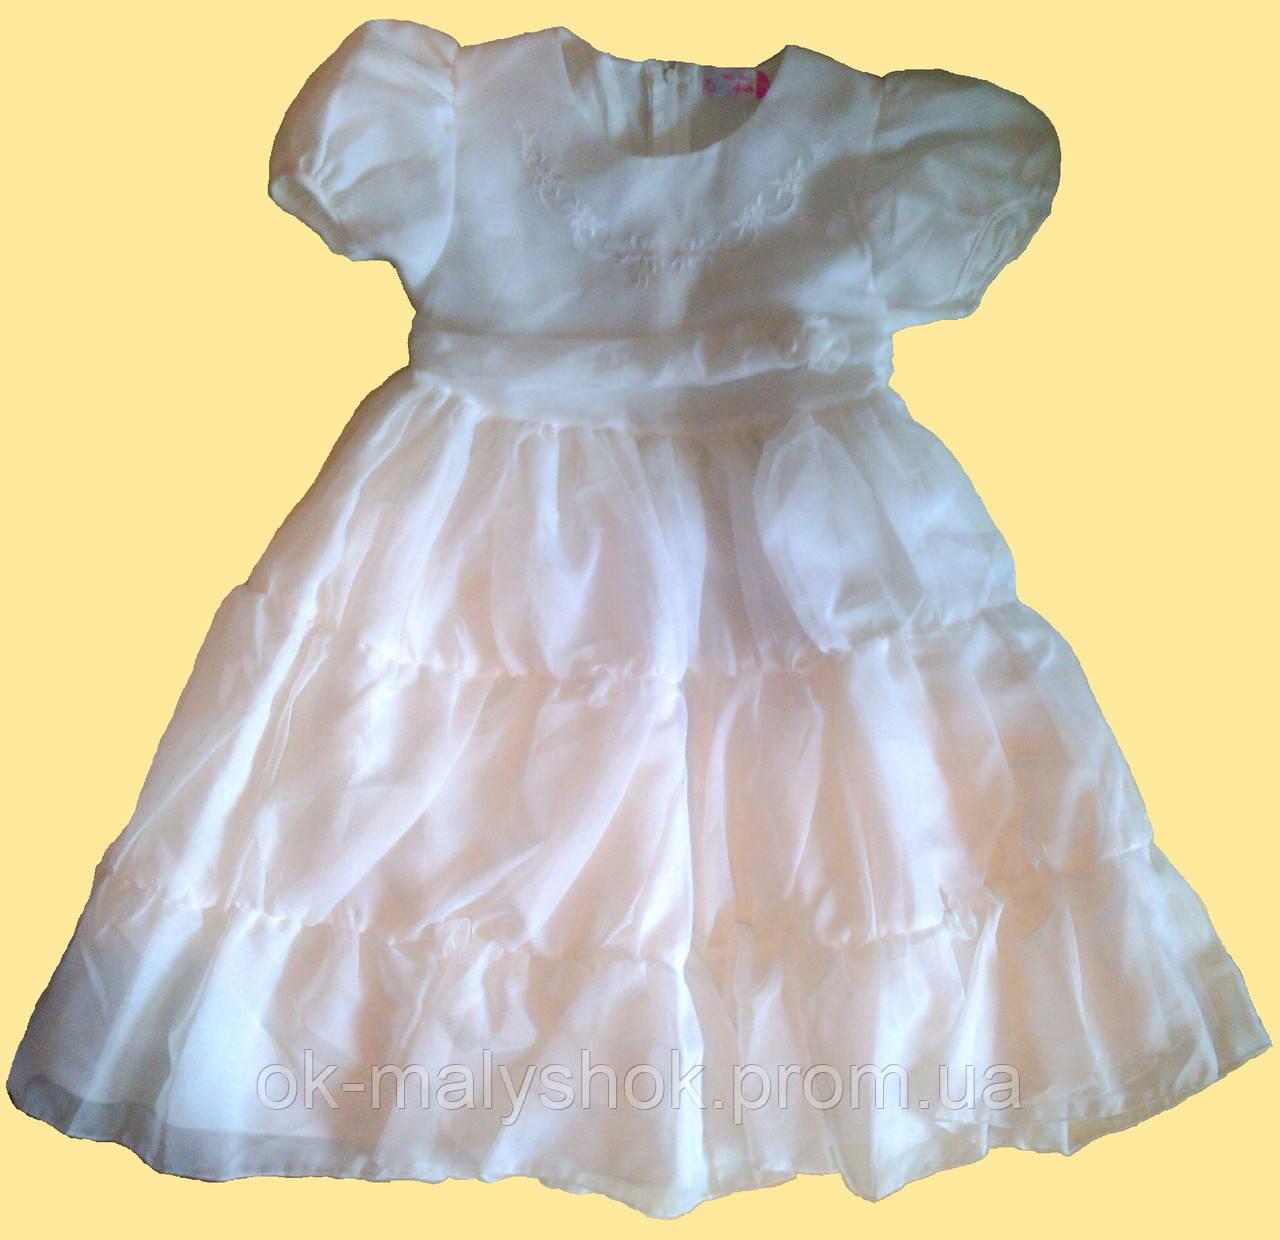 6b9f10335527f96 Платье детское нарядное белое, р. 146: продажа, цена в Киеве. платья ...